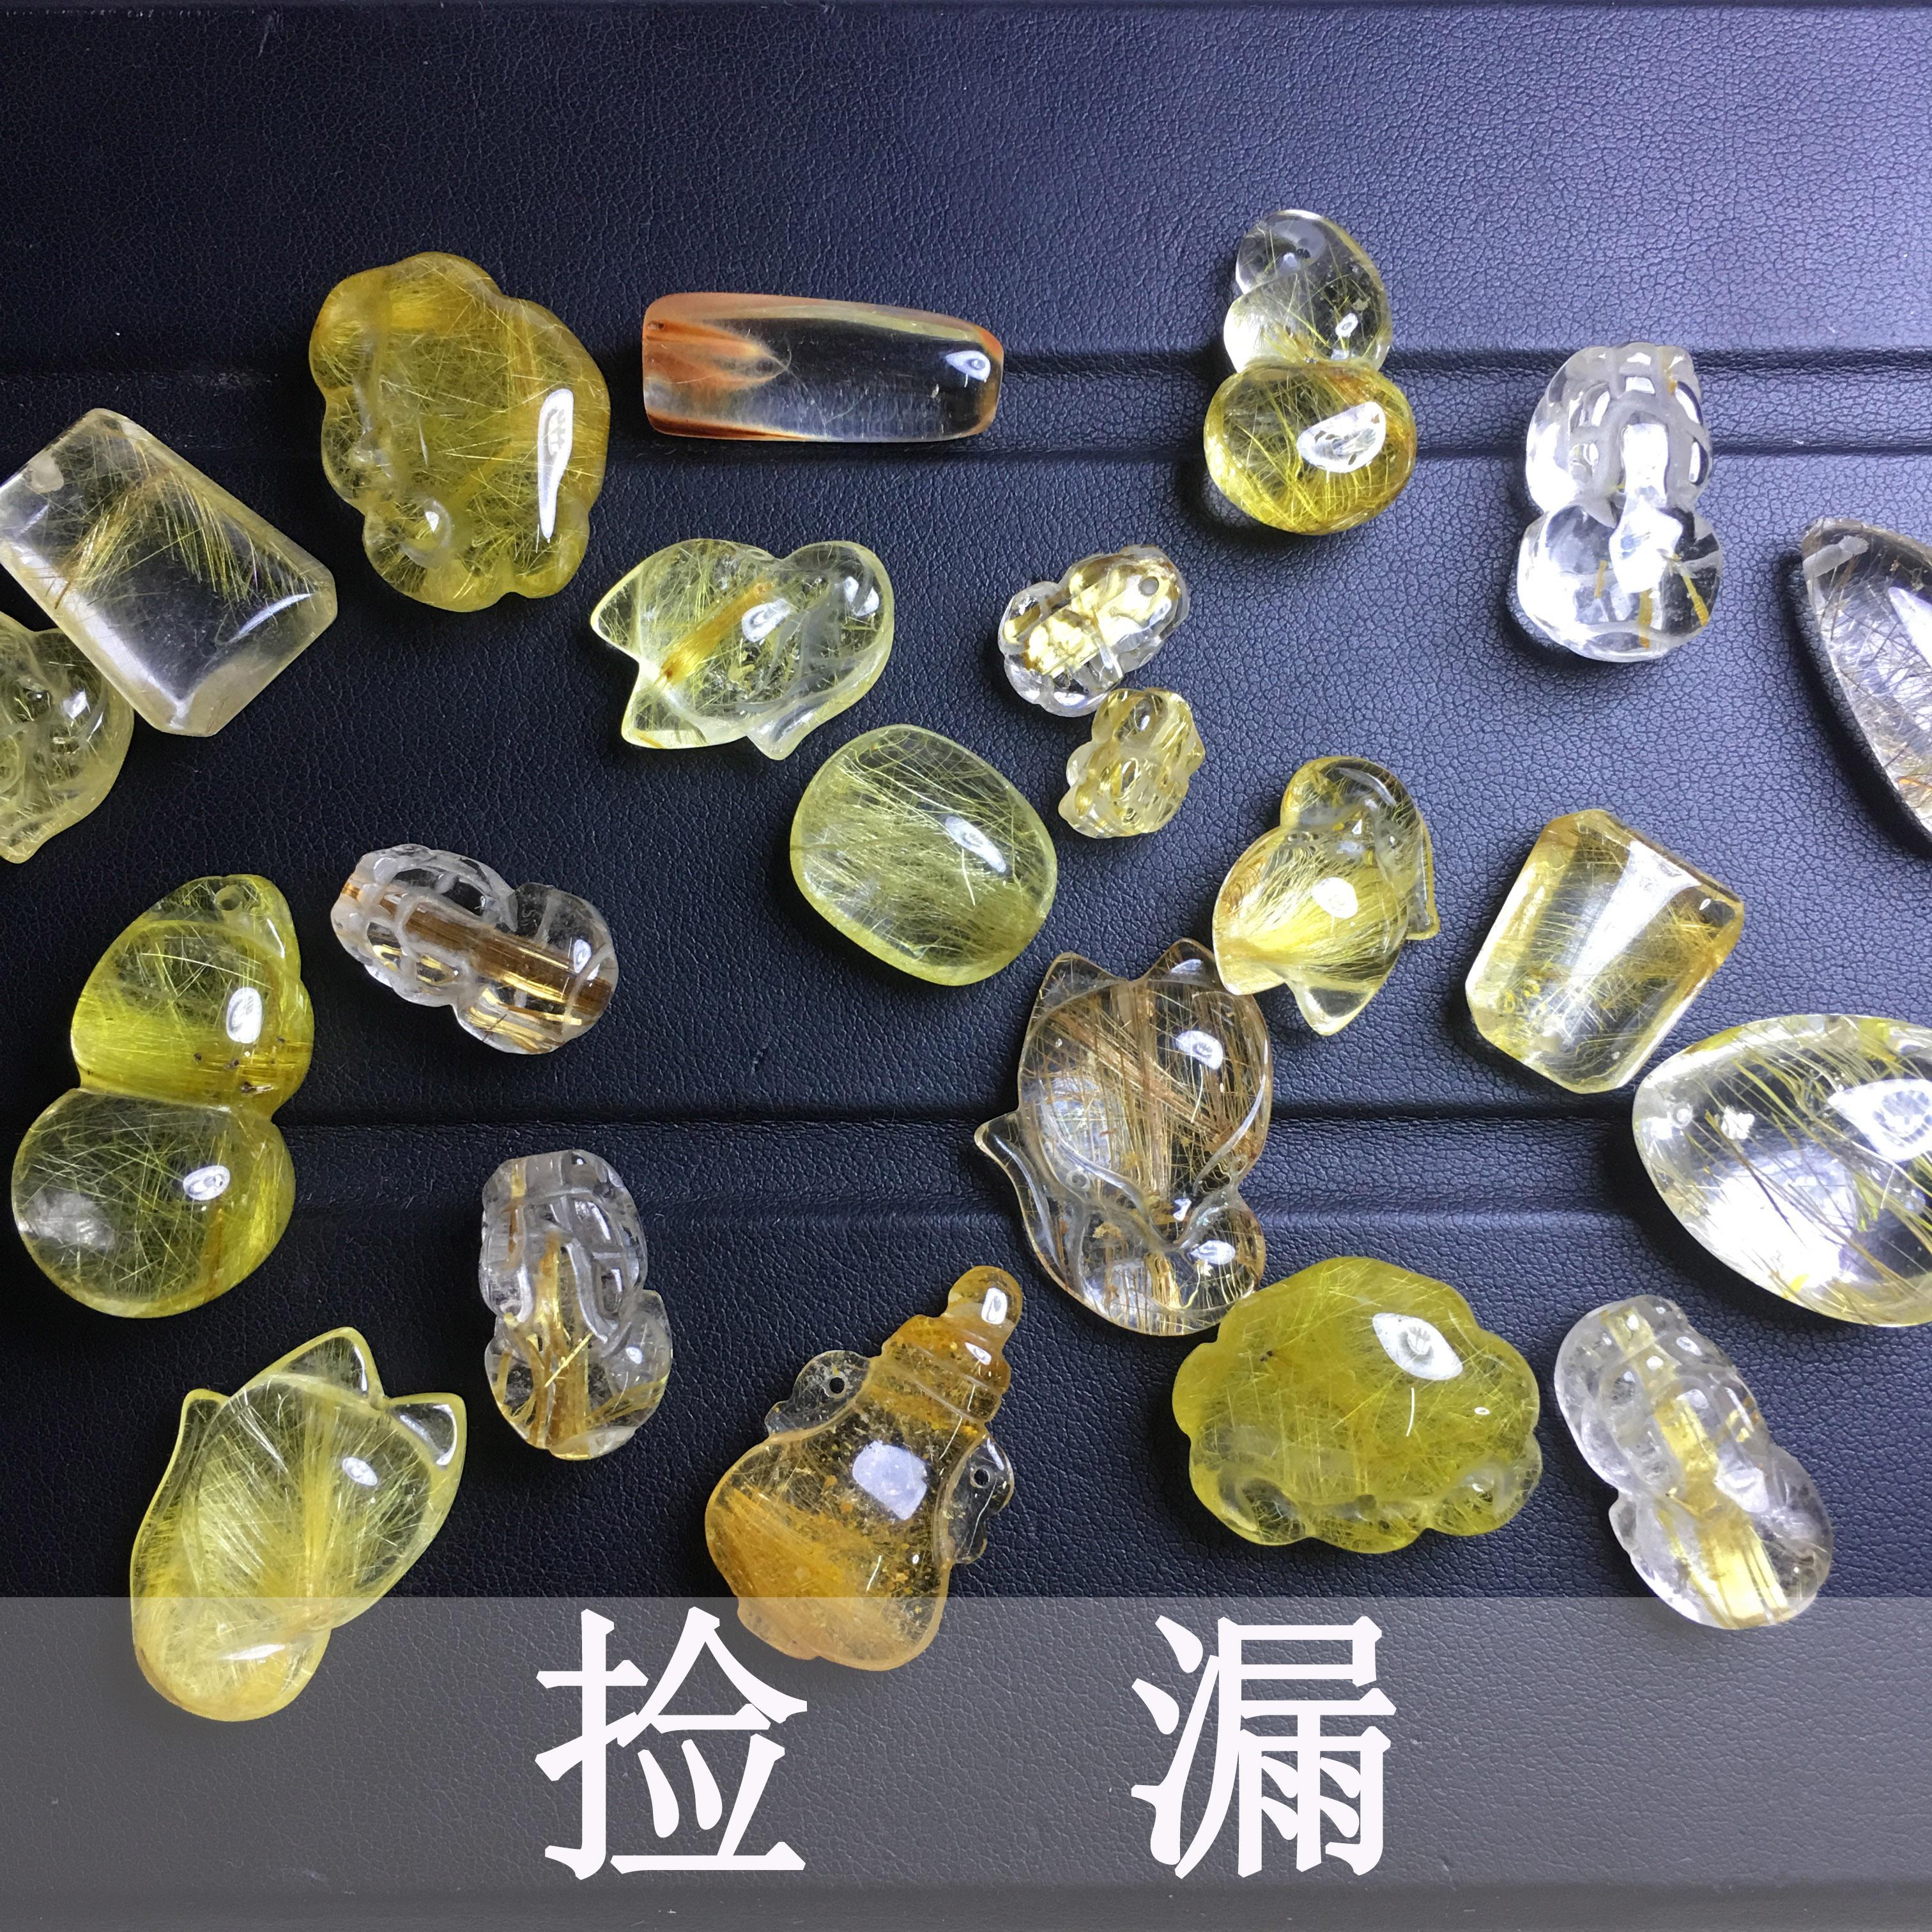 天然发晶钛晶貔貅狐狸水滴钱袋平安锁吊坠黄发晶招财水晶一图一物